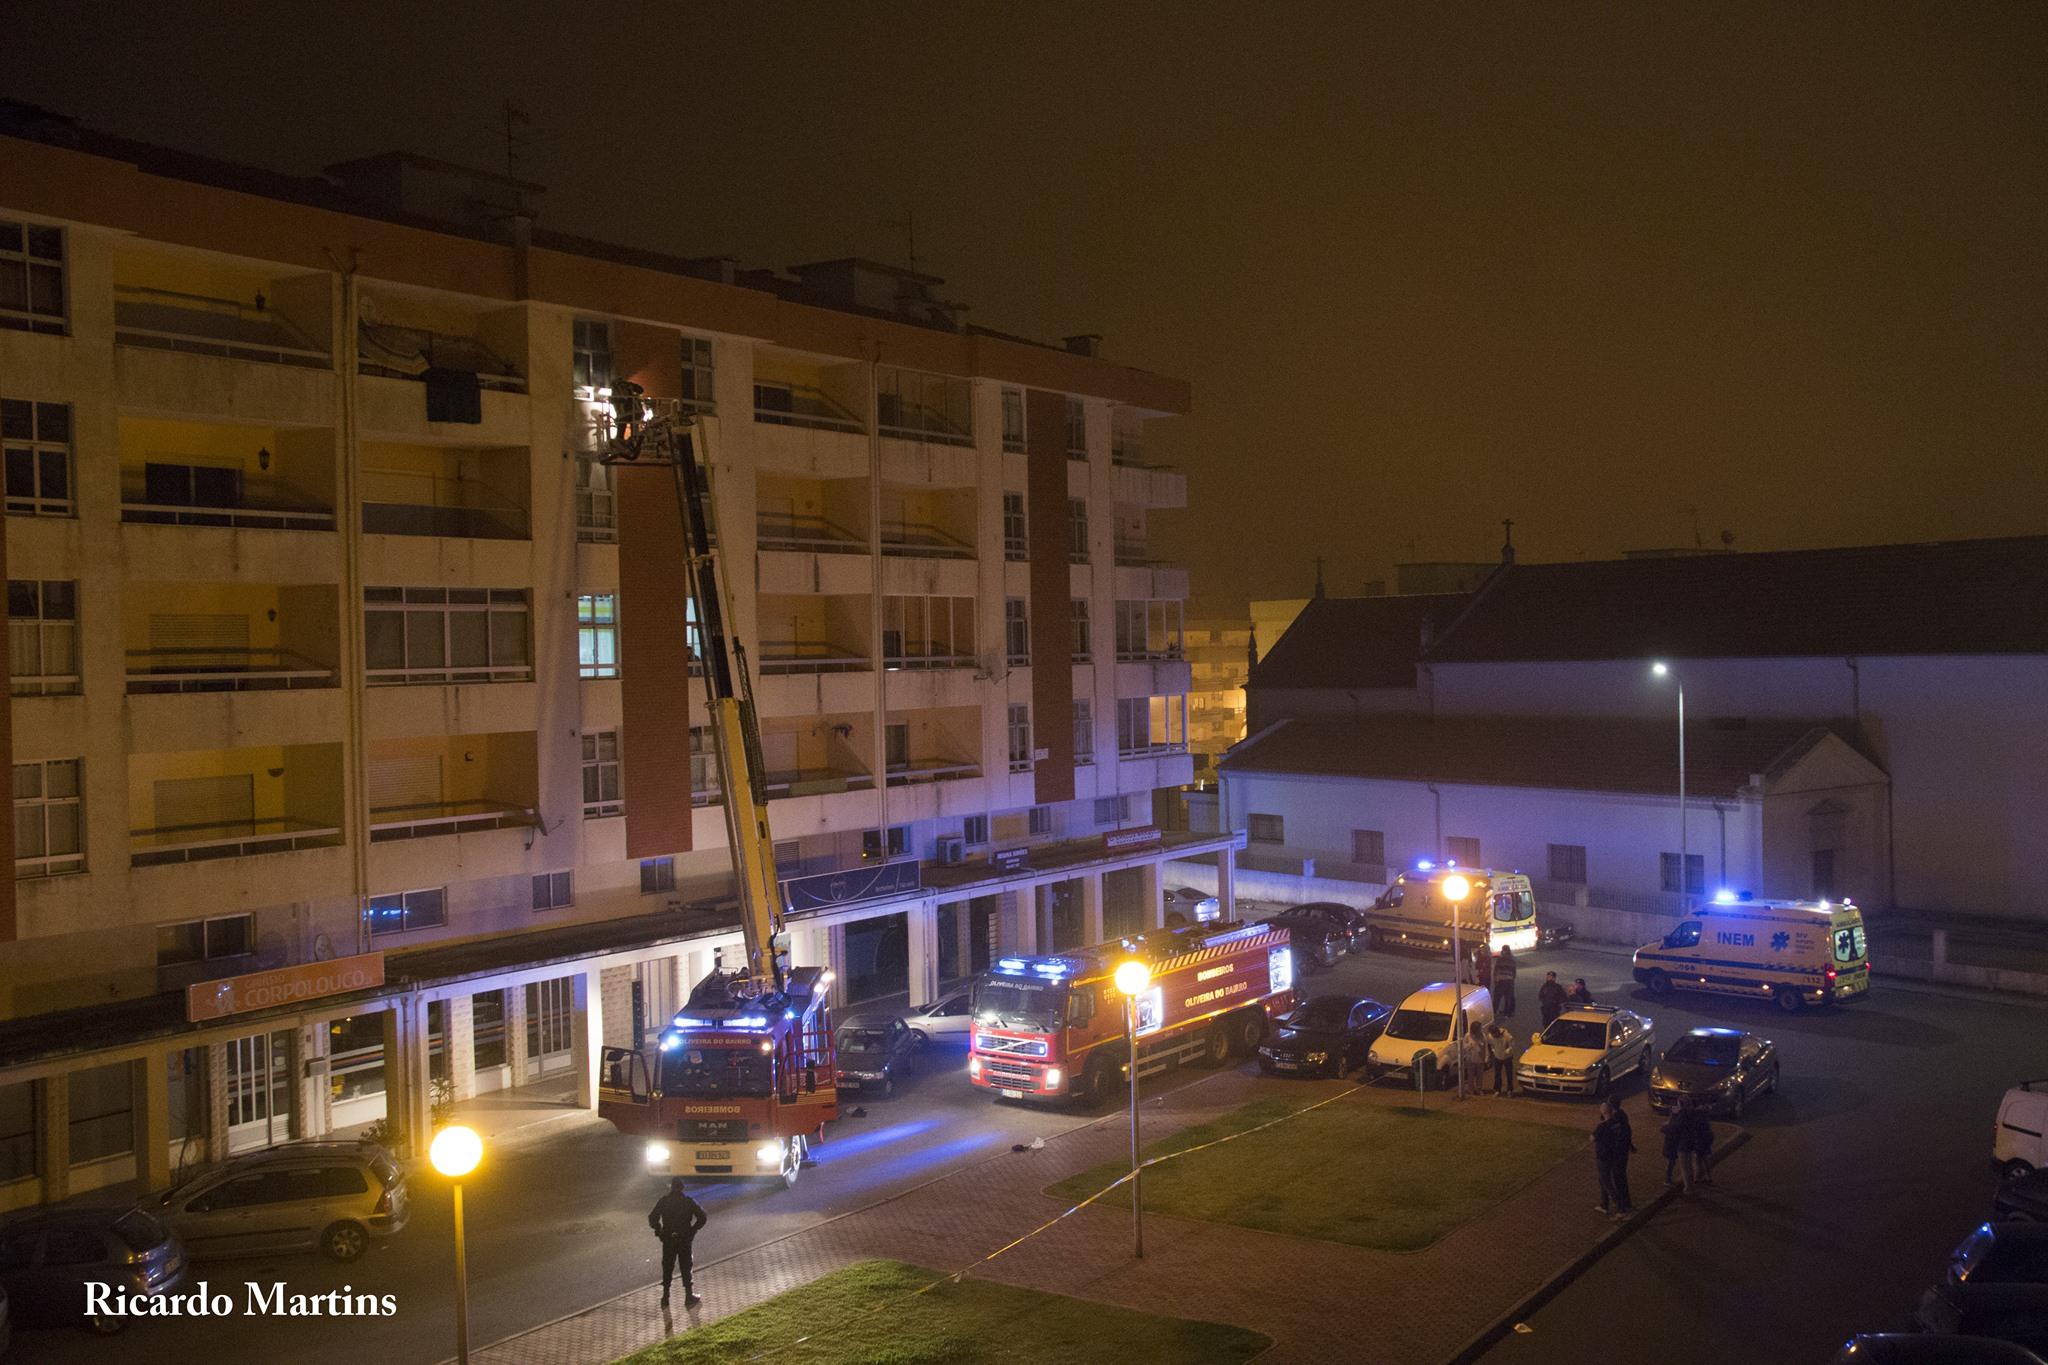 incendio_oliveira_do_bairro